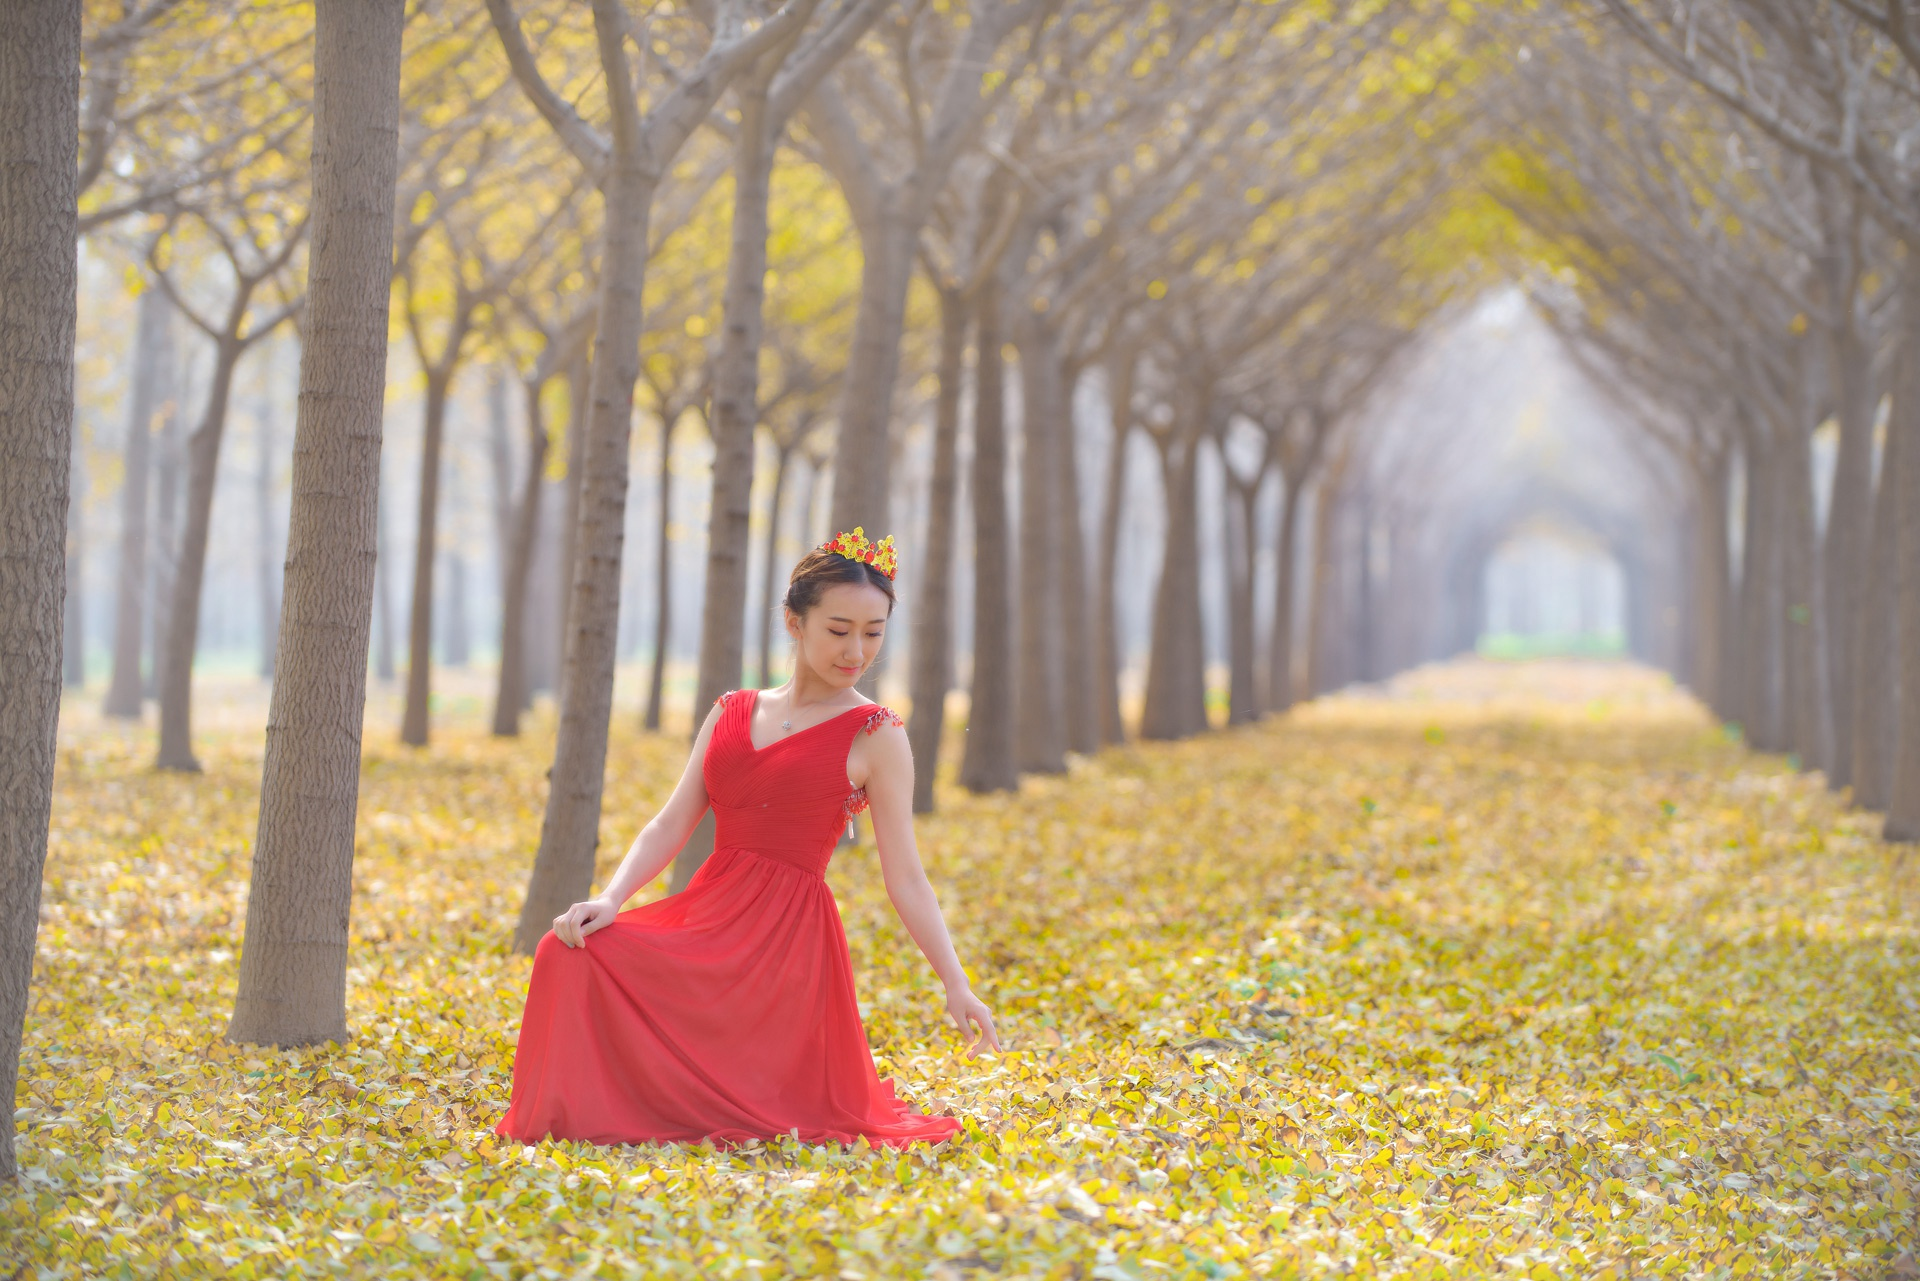 银杏林里  长裙美女 - 花開有聲 - 花開有聲